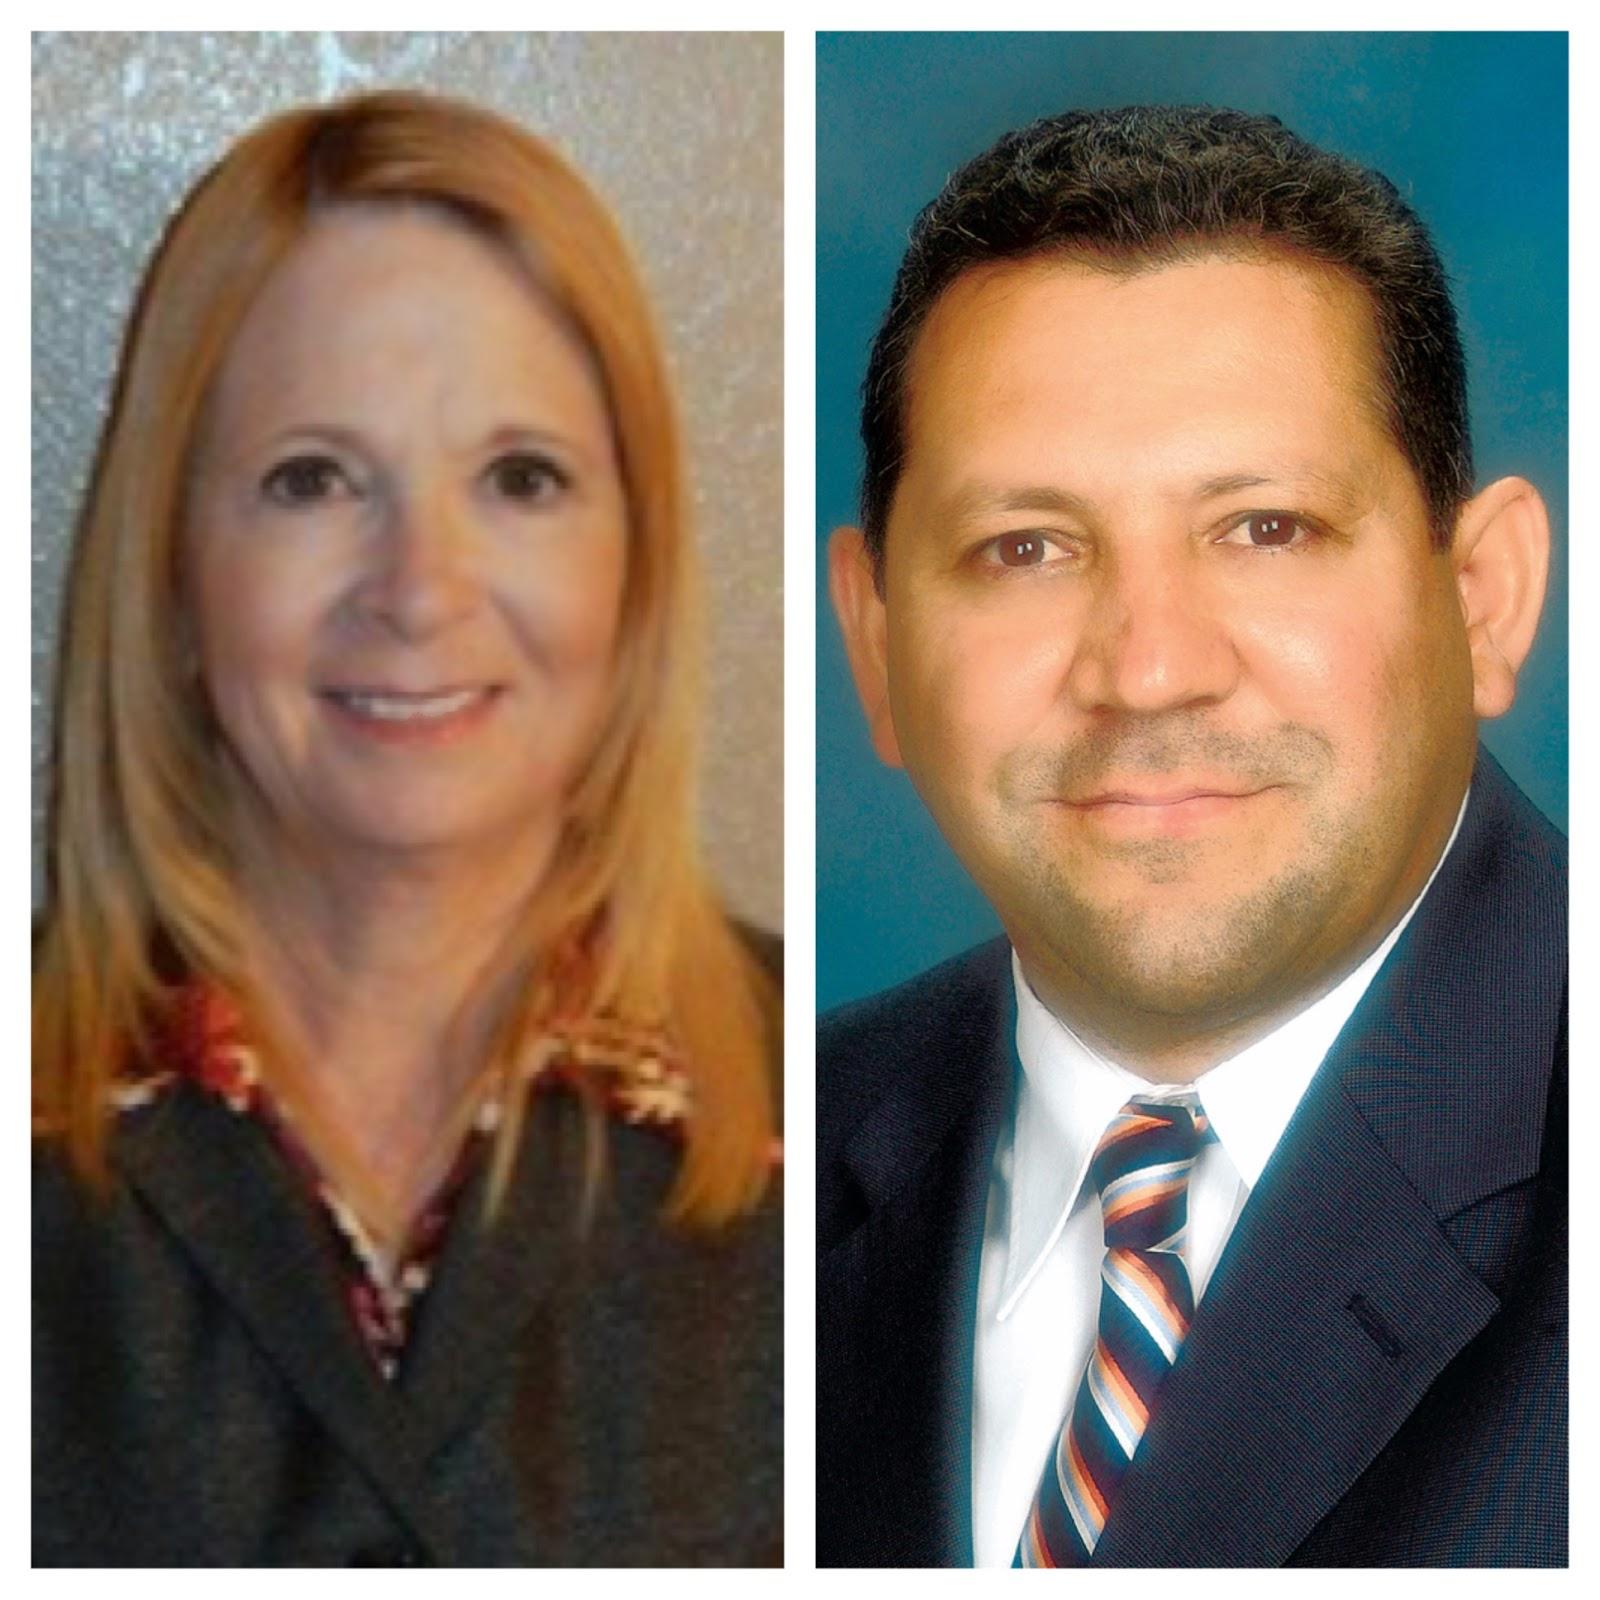 Kelly Dickson (Republican) - Sergio Coronado (Democratic)